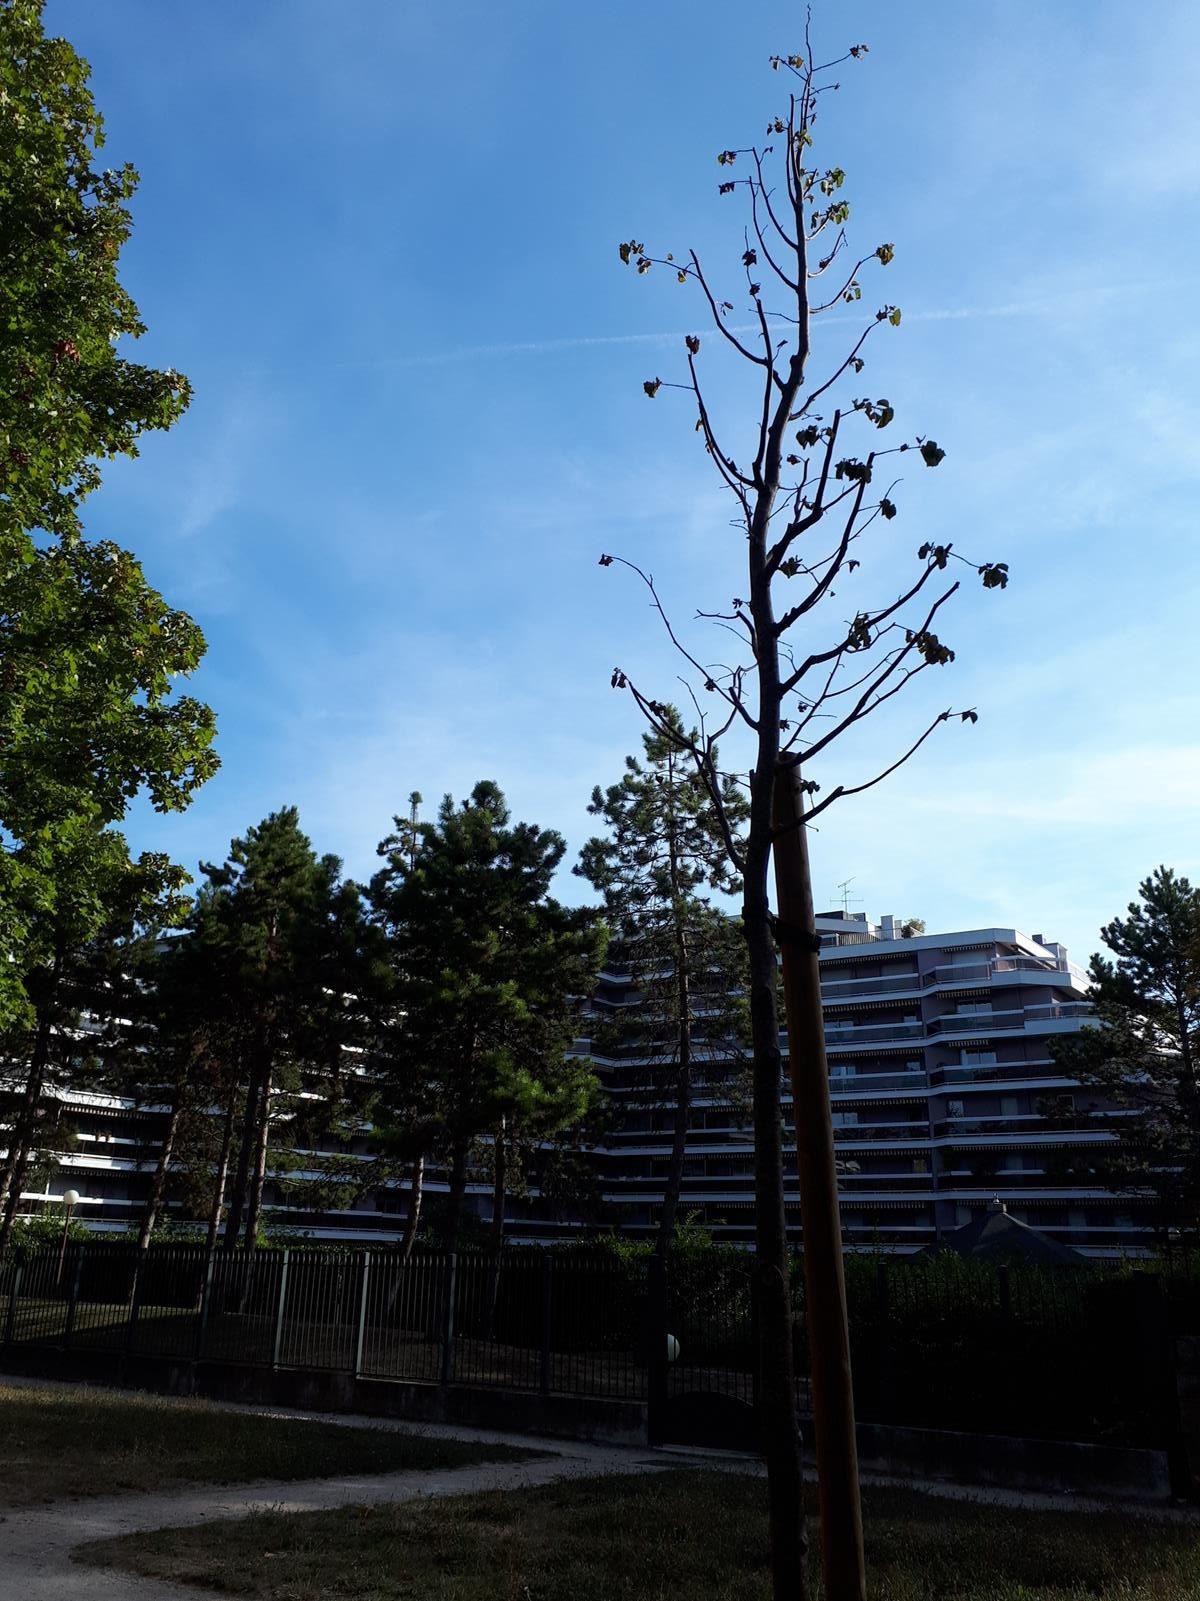 Arbrees Allées du Parc 09 2018 (4)